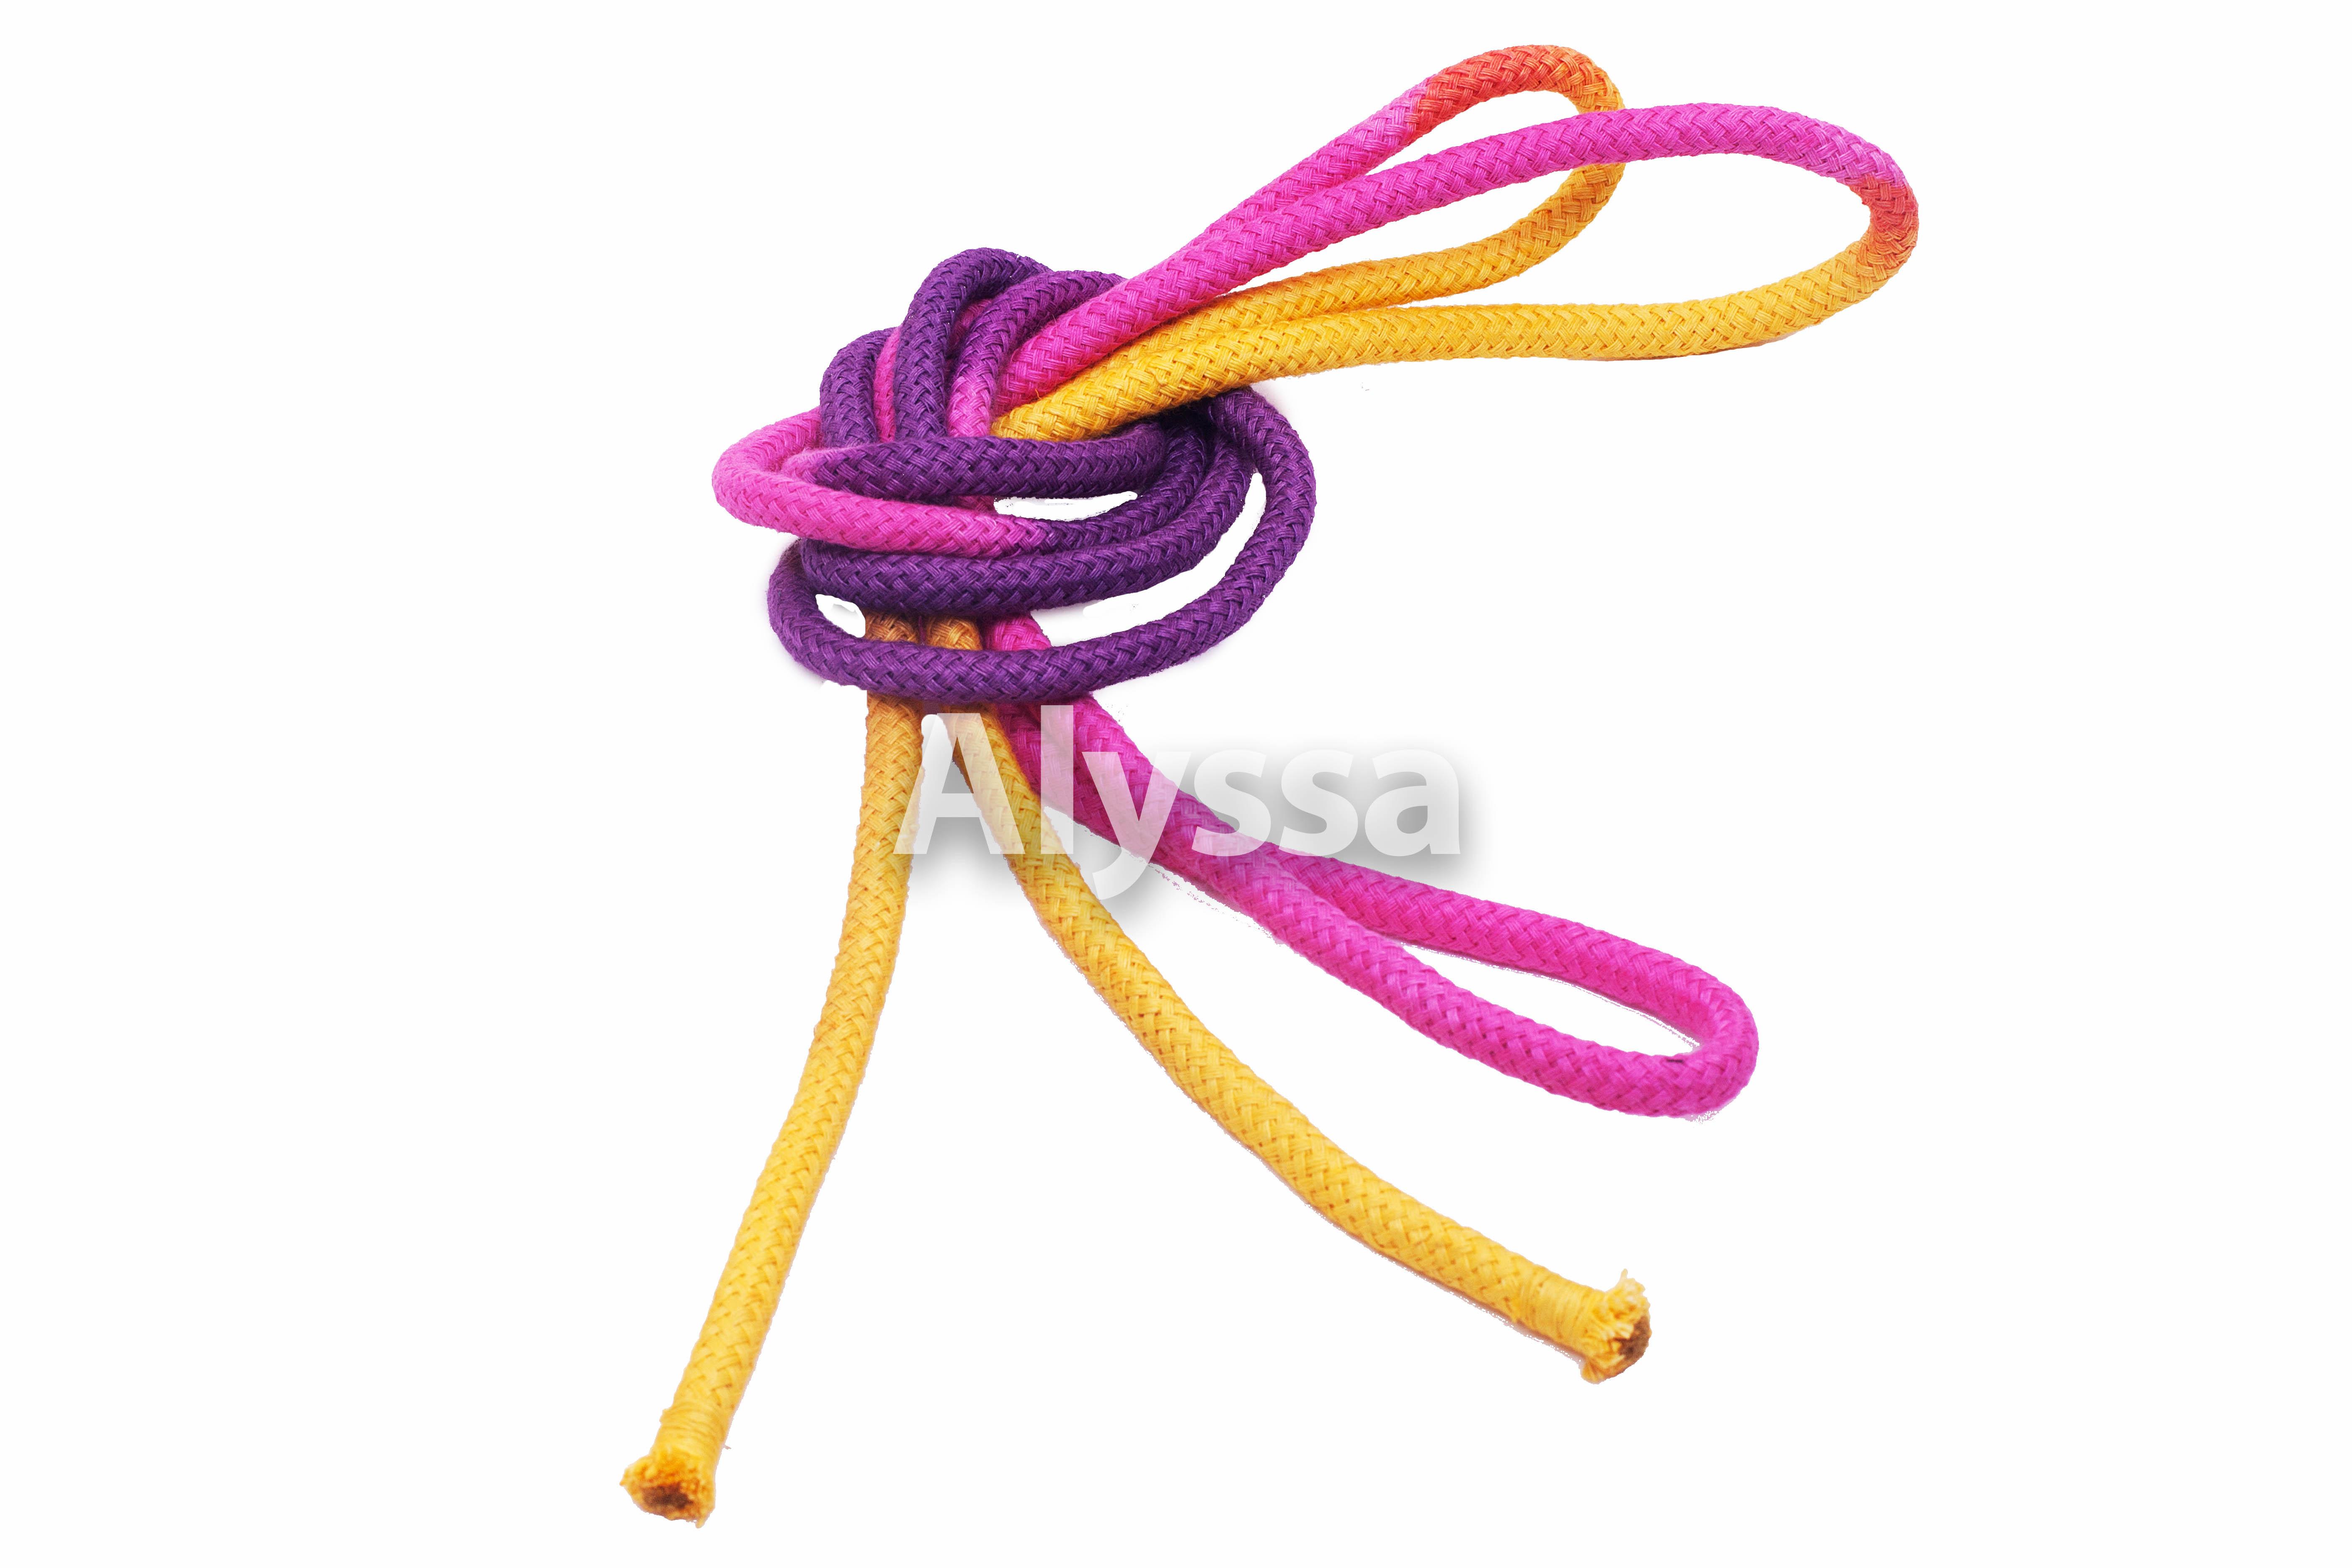 Alyssa профессиональная художественная гимнастика веревка / высокая Сортовая конопля / многоцветный желто-пурпурный порошок